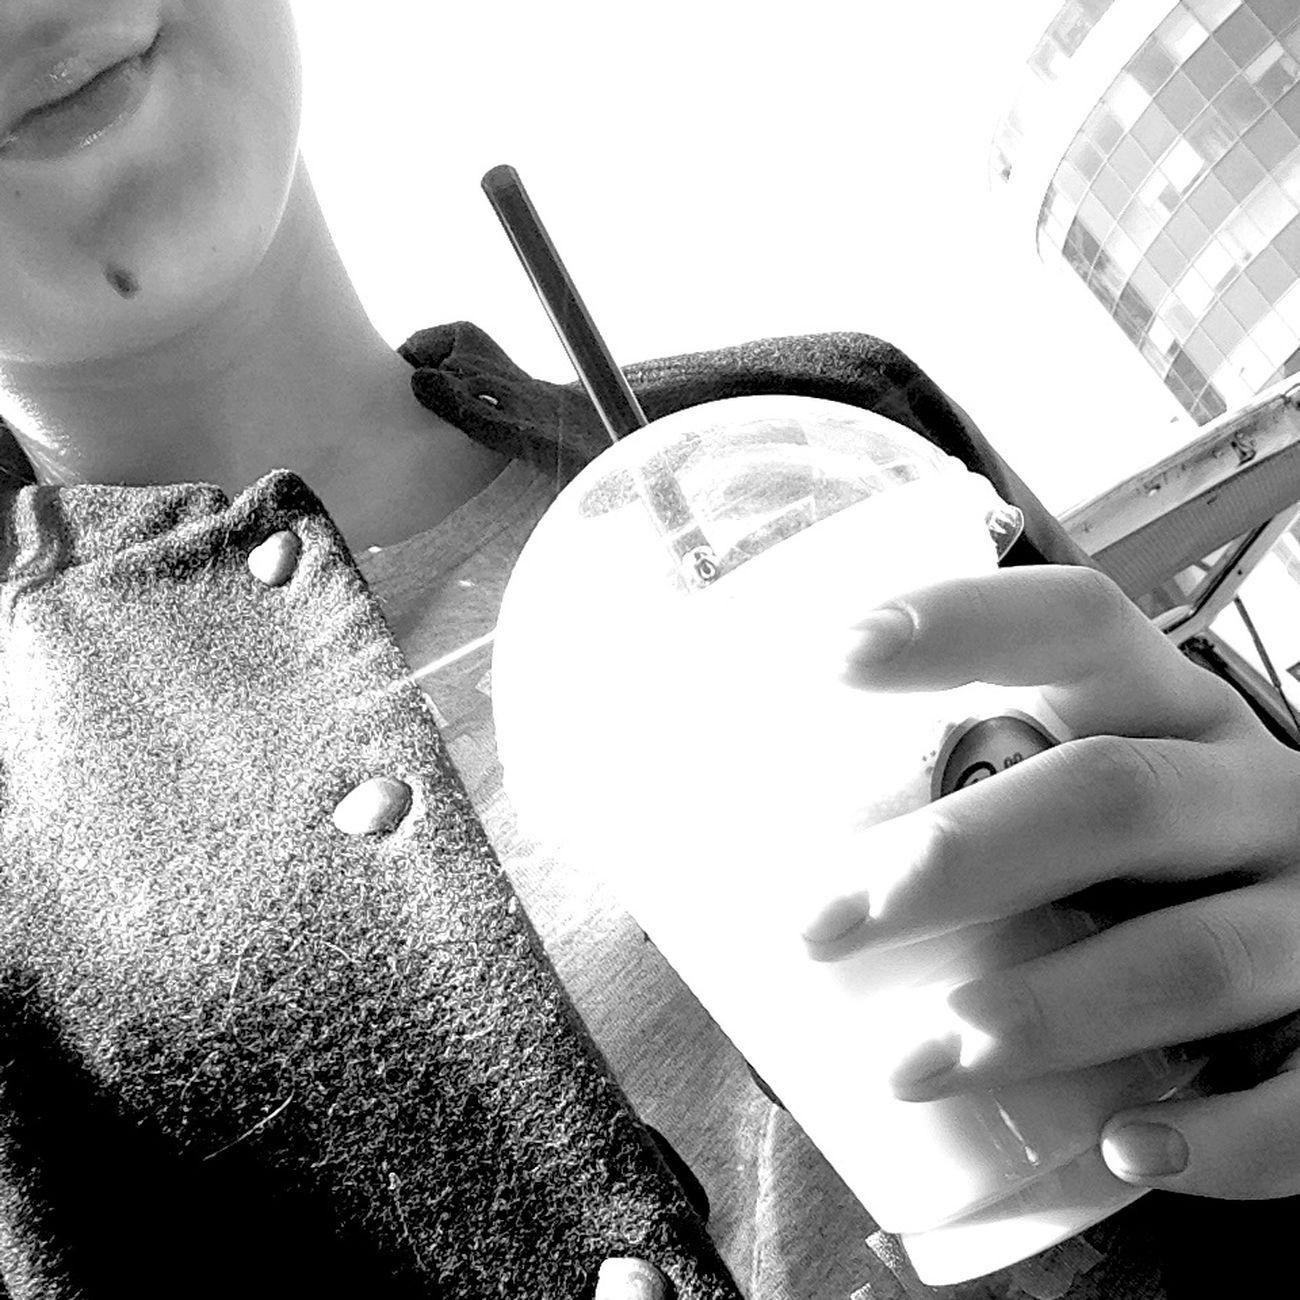 кофетайм ванлав  😋😋☕️